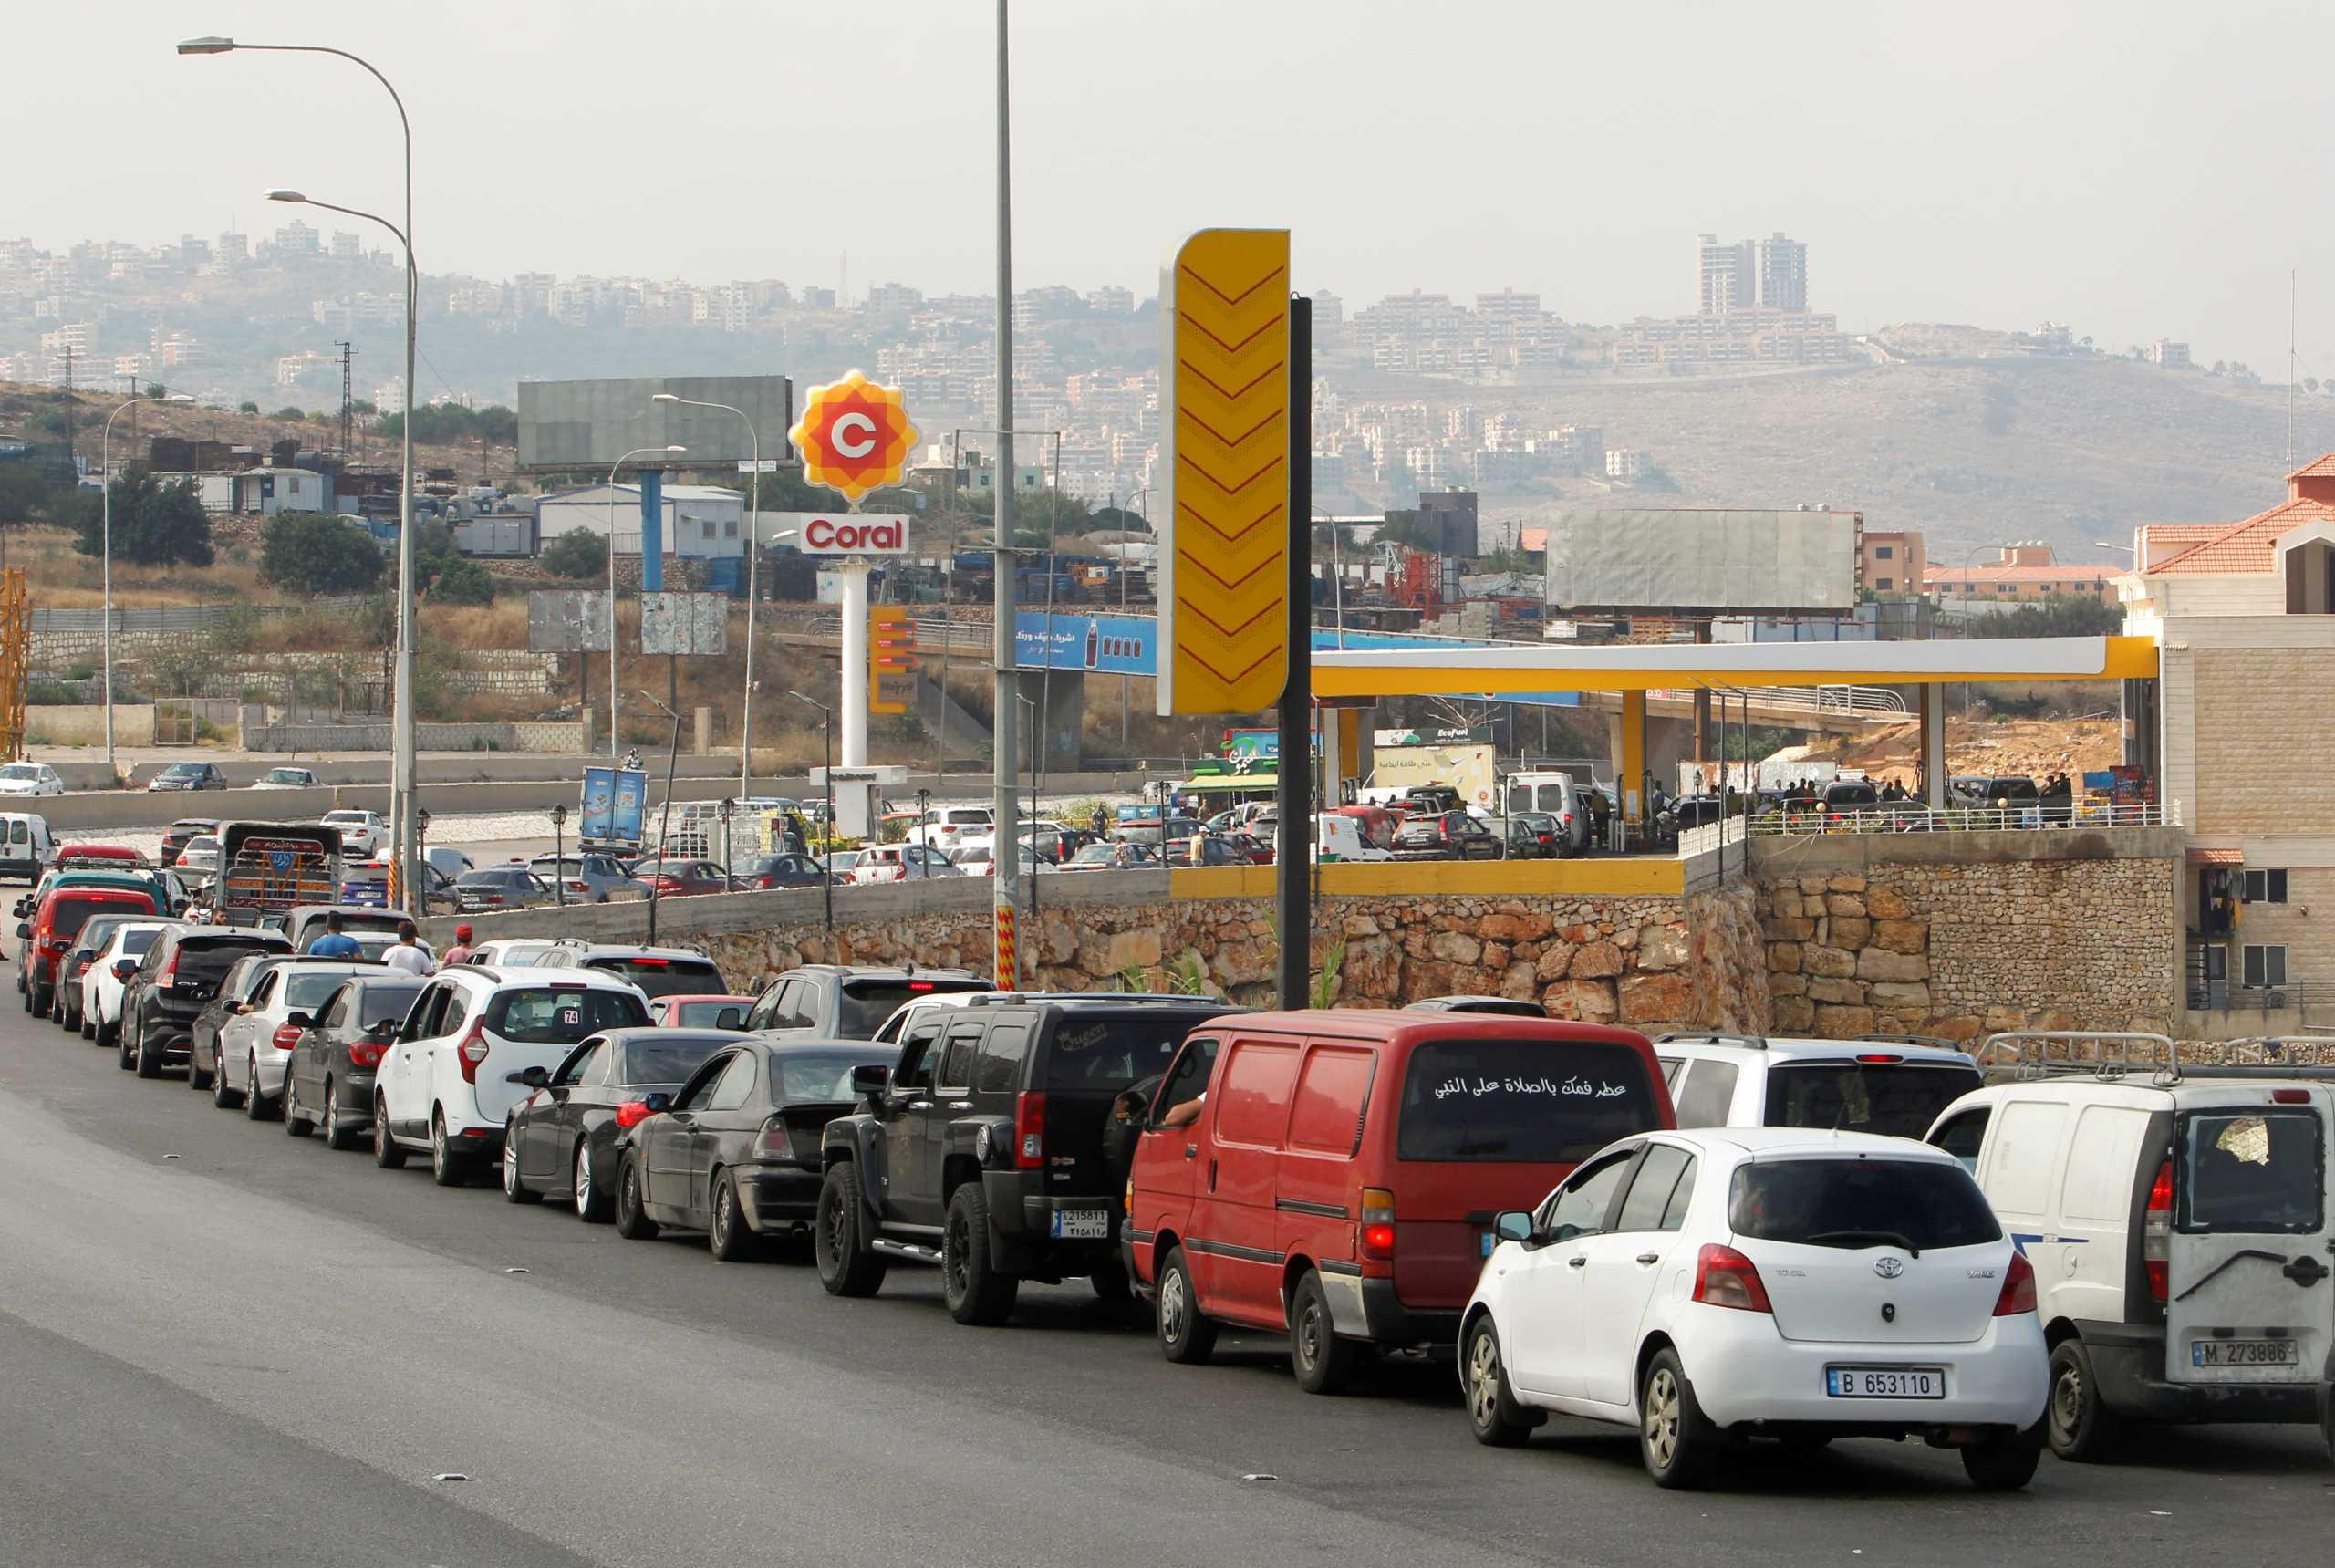 Λίβανος: Νέα υποτίμηση – ρεκόρ του νομίσματος – Ουρές χιλιομέτρων για τρόφιμα και καύσιμα